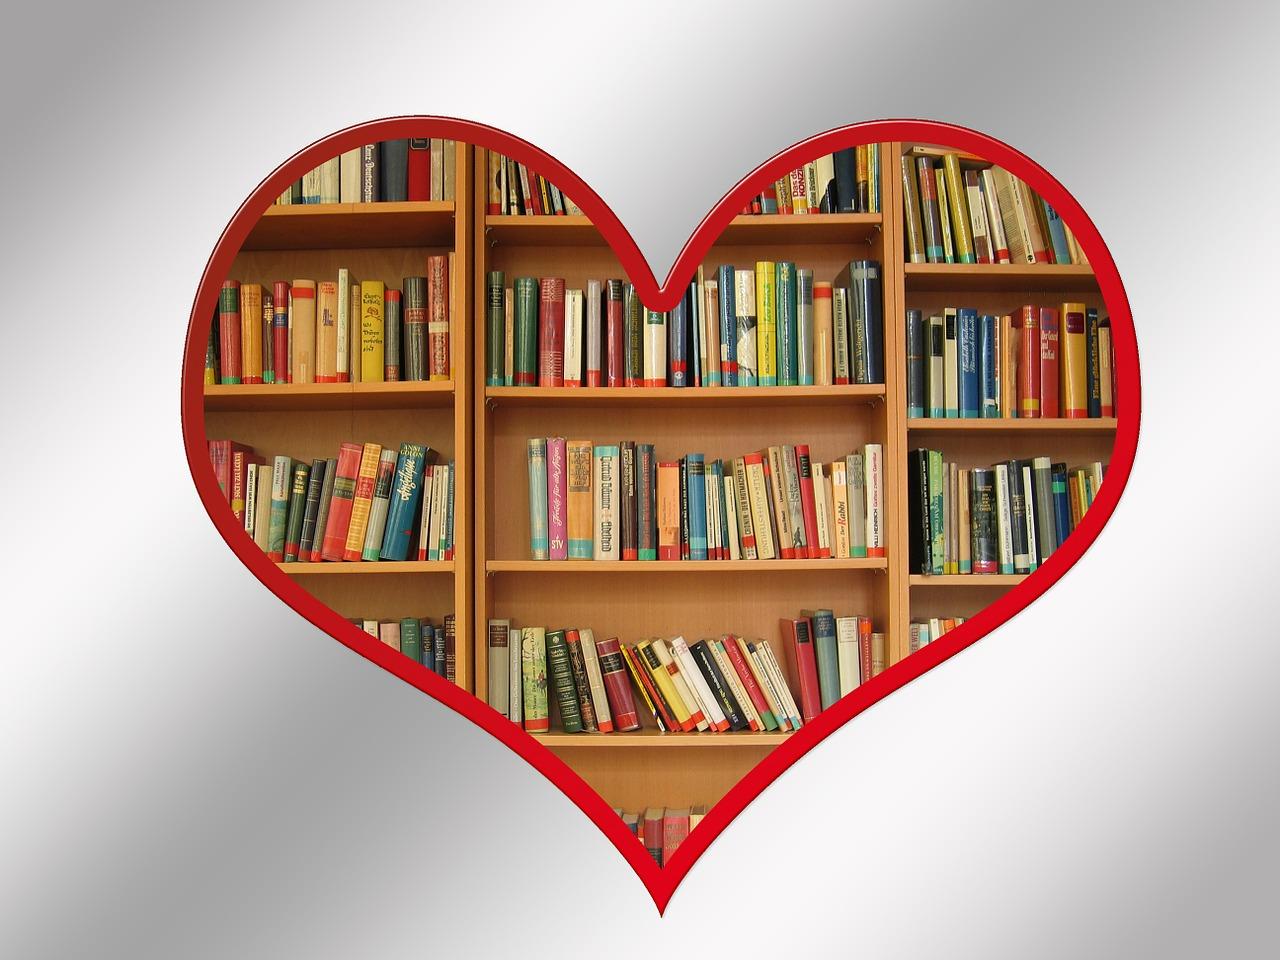 Картинка для книги про любовь